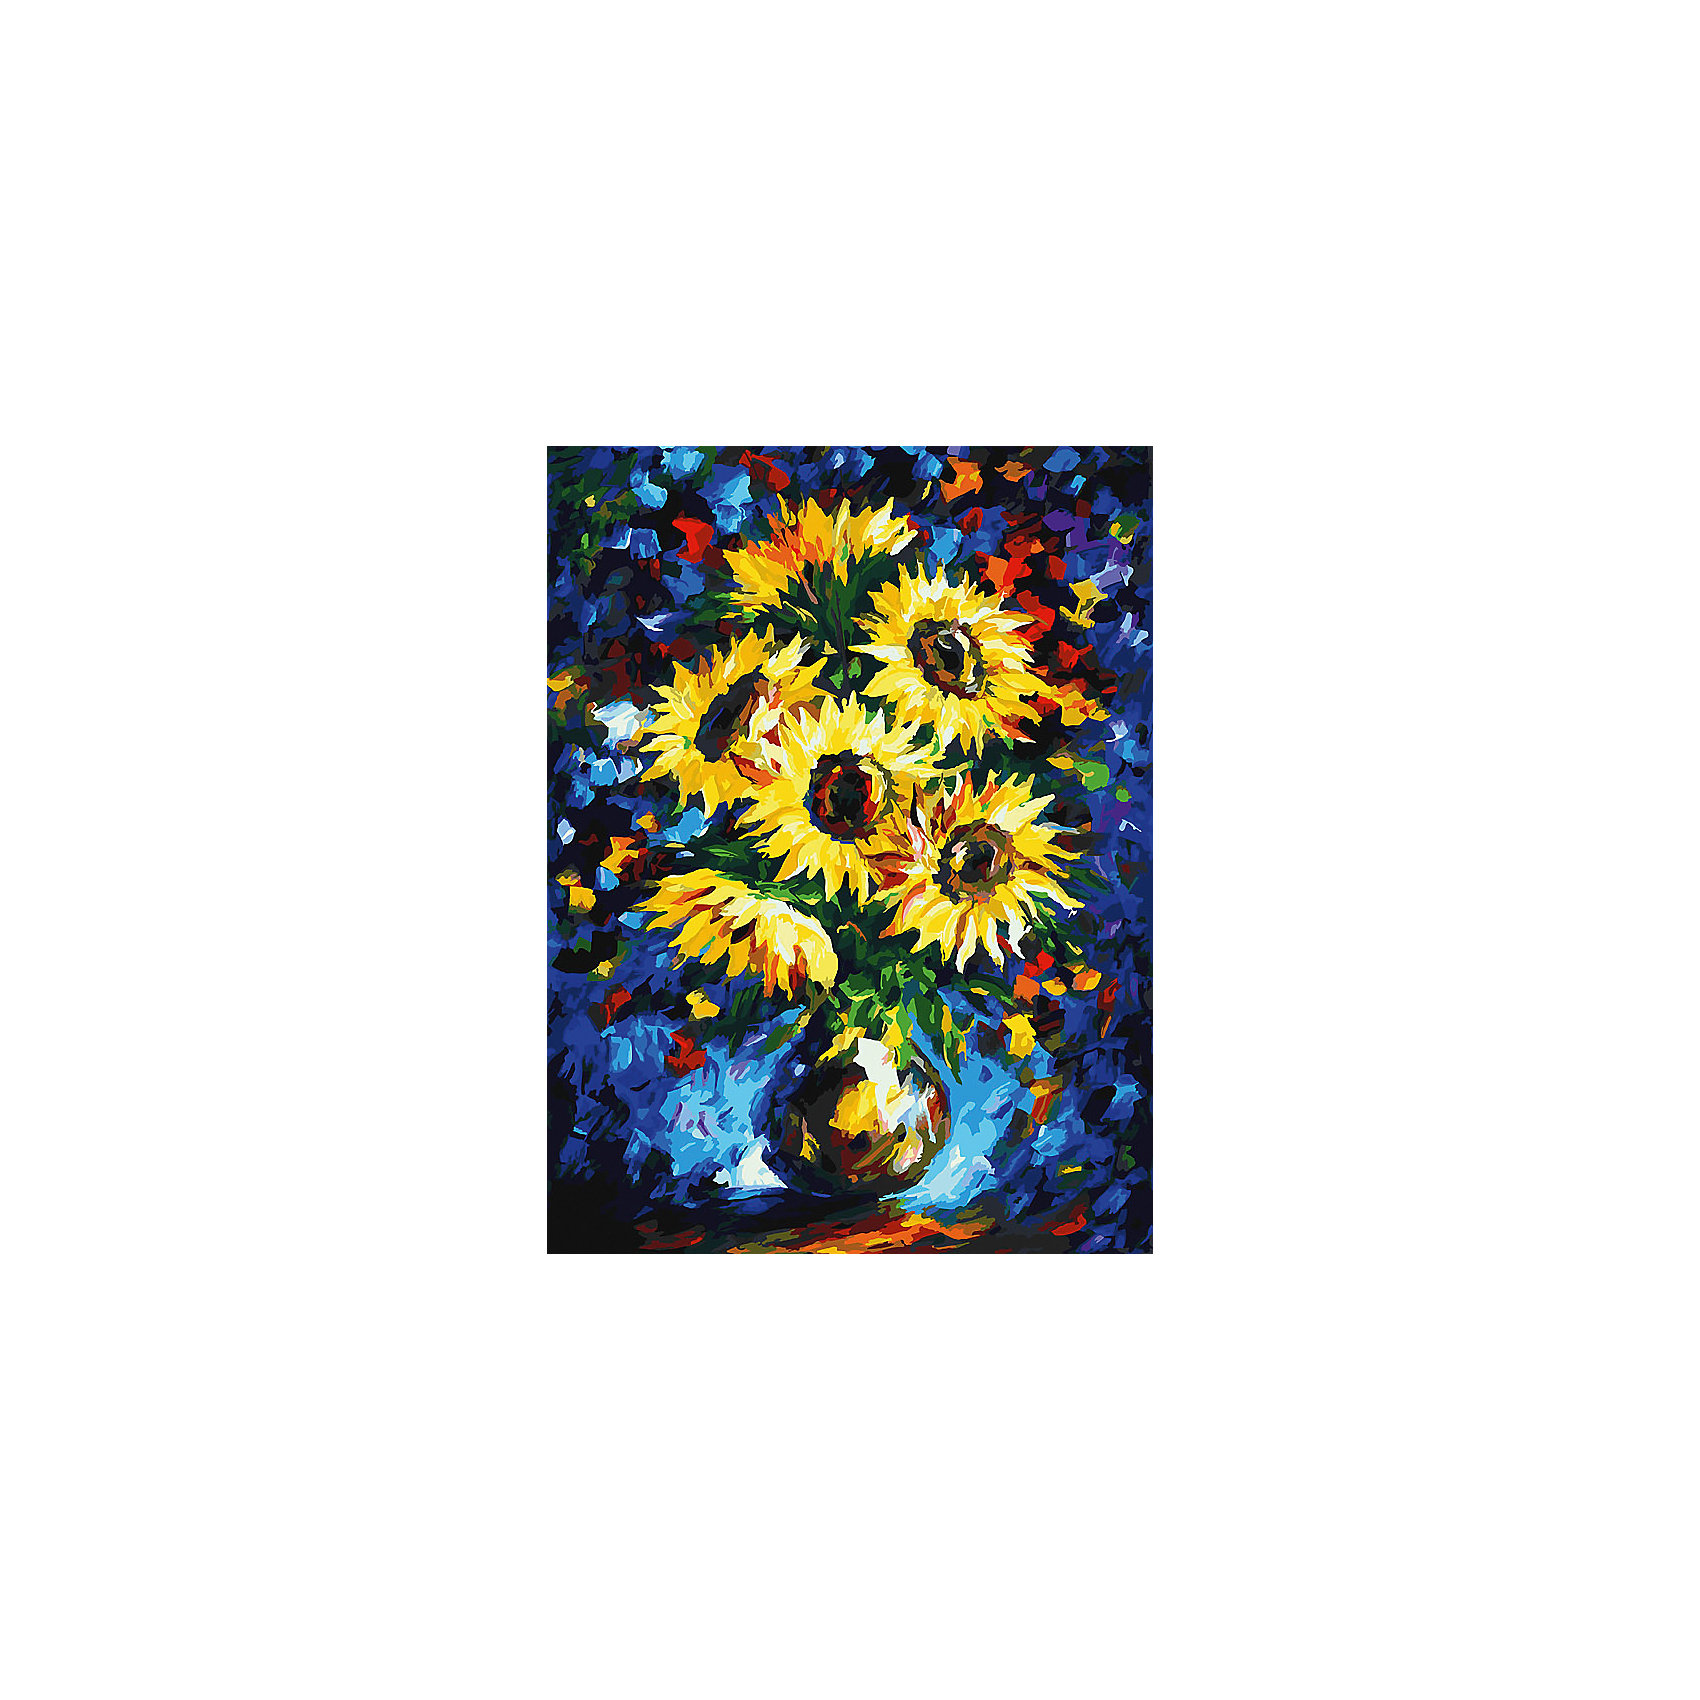 Живопись на холсте 30*40 см Ночные подсолнухиХарактеристики товара:<br><br>• цвет: разноцветный<br>• материал: акрил, картон<br>• размер: 30 x 40 см<br>• комплектация: полотно на подрамнике с контурами рисунка, пробный лист с рисунком, набор акриловых красок, три кисти, крепление на стену для картины<br>• для детей от шести лет и взрослых<br>• не требует специальных навыков<br>• страна бренда: Китай<br>• страна изготовитель: Китай<br><br>Как с удовольствием и пользой провести время? Порисовать! Это занятие, которое любят многие дети и взрослые. Рисование помогает развить важные навыки и просто приносит удовольствие! Чтобы вселить в ребенка уверенность в своих силах, можно предложить ему этот набор - в нем уже есть сюжет, контуры рисунка и участки с номерами, которые обозначают определенную краску из набора. Все оттенки уже готовы, задача художника - аккуратно, с помощью кисточек из набора, нанести краски на определенный участок полотна.<br>Взрослым также понравится этот процесс, рисовать можно и вместе с малышом! В итоге получается красивая картина, которой можно украсить интерьер. Рисование способствует развитию мелкой моторики, воображения, цветовосприятия, творческих способностей и усидчивости. Набор отлично проработан, сделан из качественных и проверенных материалов, которые безопасны для детей. Краски - акриловые, они быстро сохнут и легко смываются с кожи.<br><br>Живопись на холсте 30*40 см Ночные подсолнухи от торговой марки Белоснежка можно купить в нашем интернет-магазине.<br><br>Ширина мм: 410<br>Глубина мм: 310<br>Высота мм: 25<br>Вес г: 567<br>Возраст от месяцев: 72<br>Возраст до месяцев: 144<br>Пол: Унисекс<br>Возраст: Детский<br>SKU: 5089710